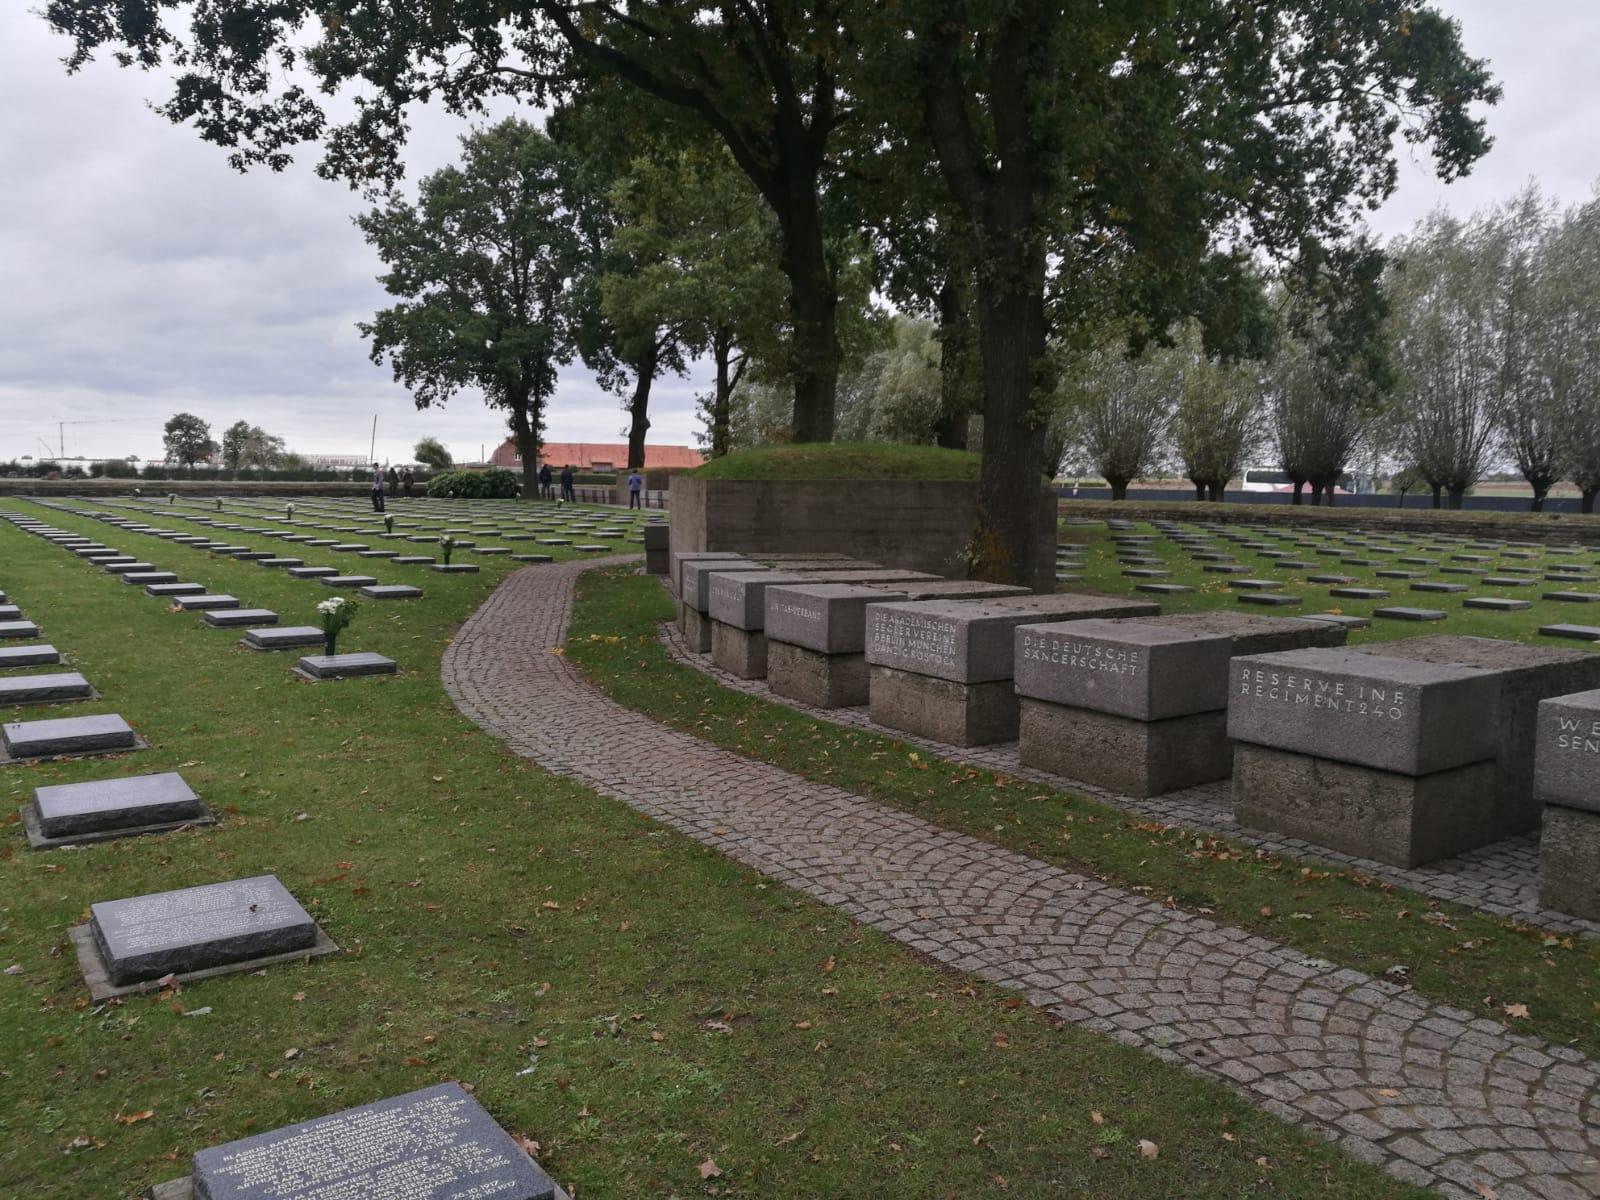 Ehemalige deutsche Frontlinie, heute Erinnerungssteine mit Inschriften